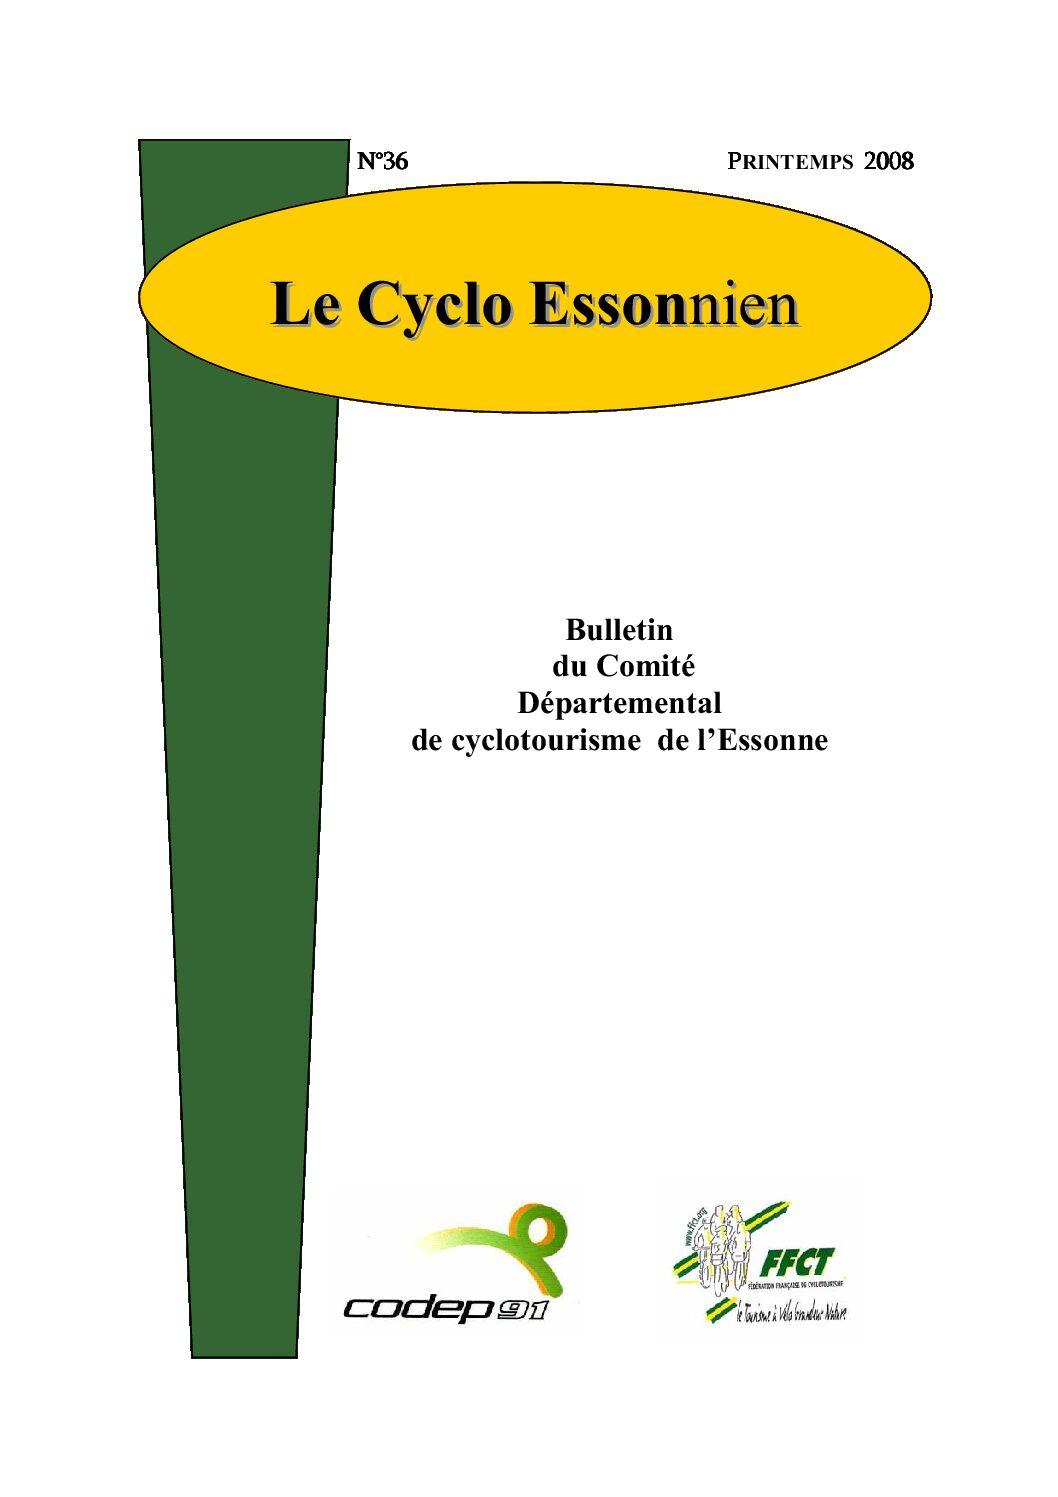 Le Cyclo Essonnien n°37